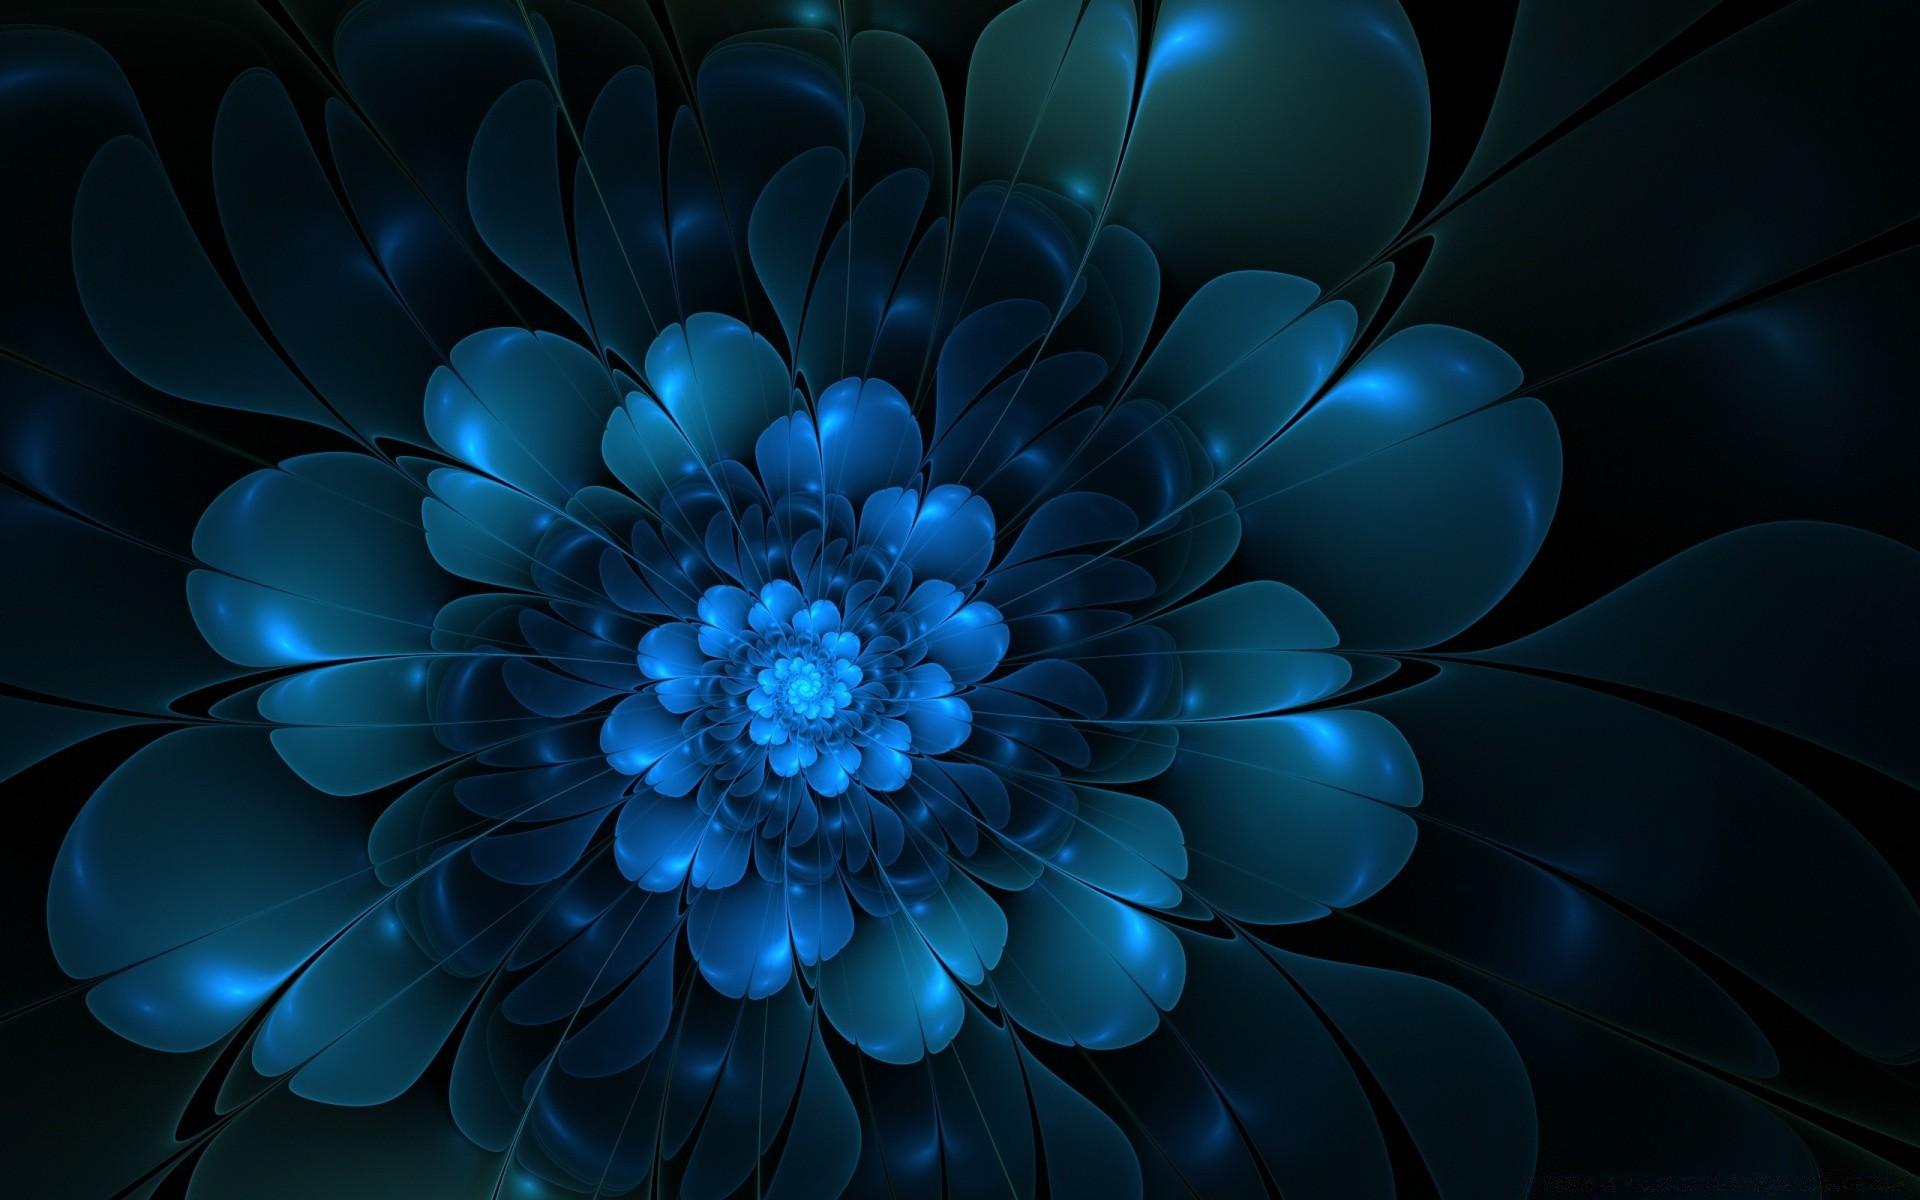 картинки синие цветы обои на телефон